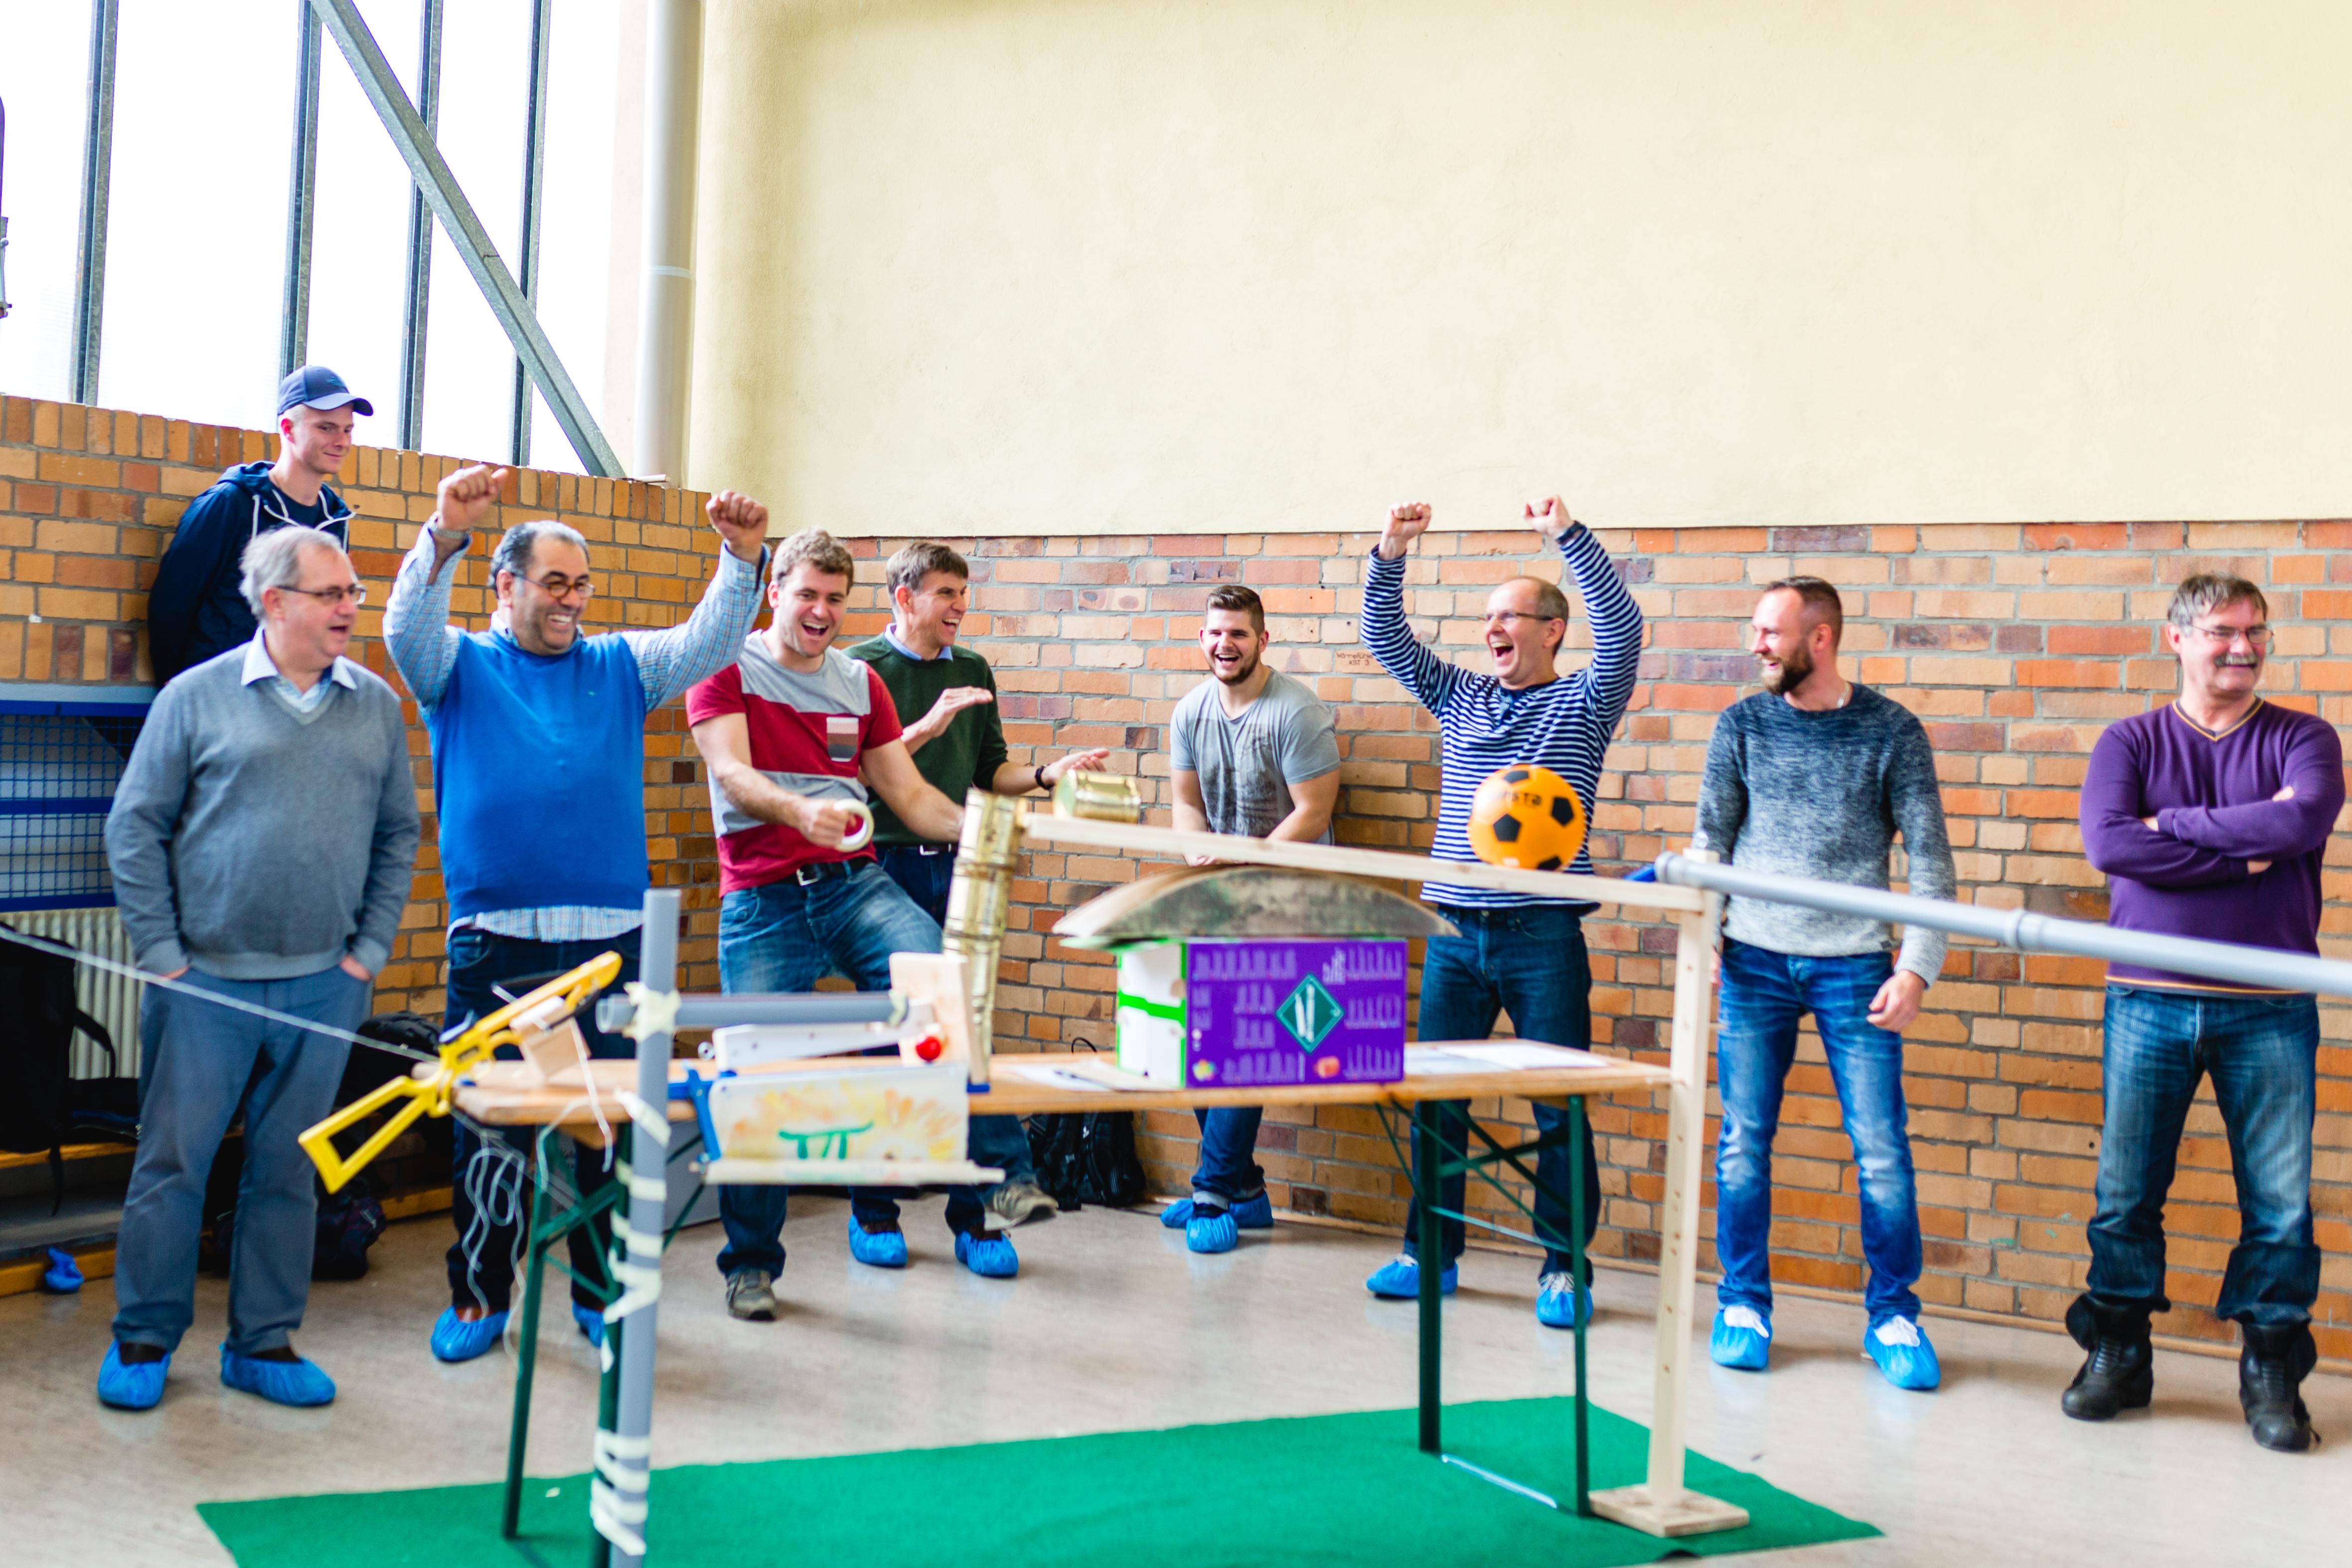 Siemens bei einem Kettenreaktion Teamevent in Berlin